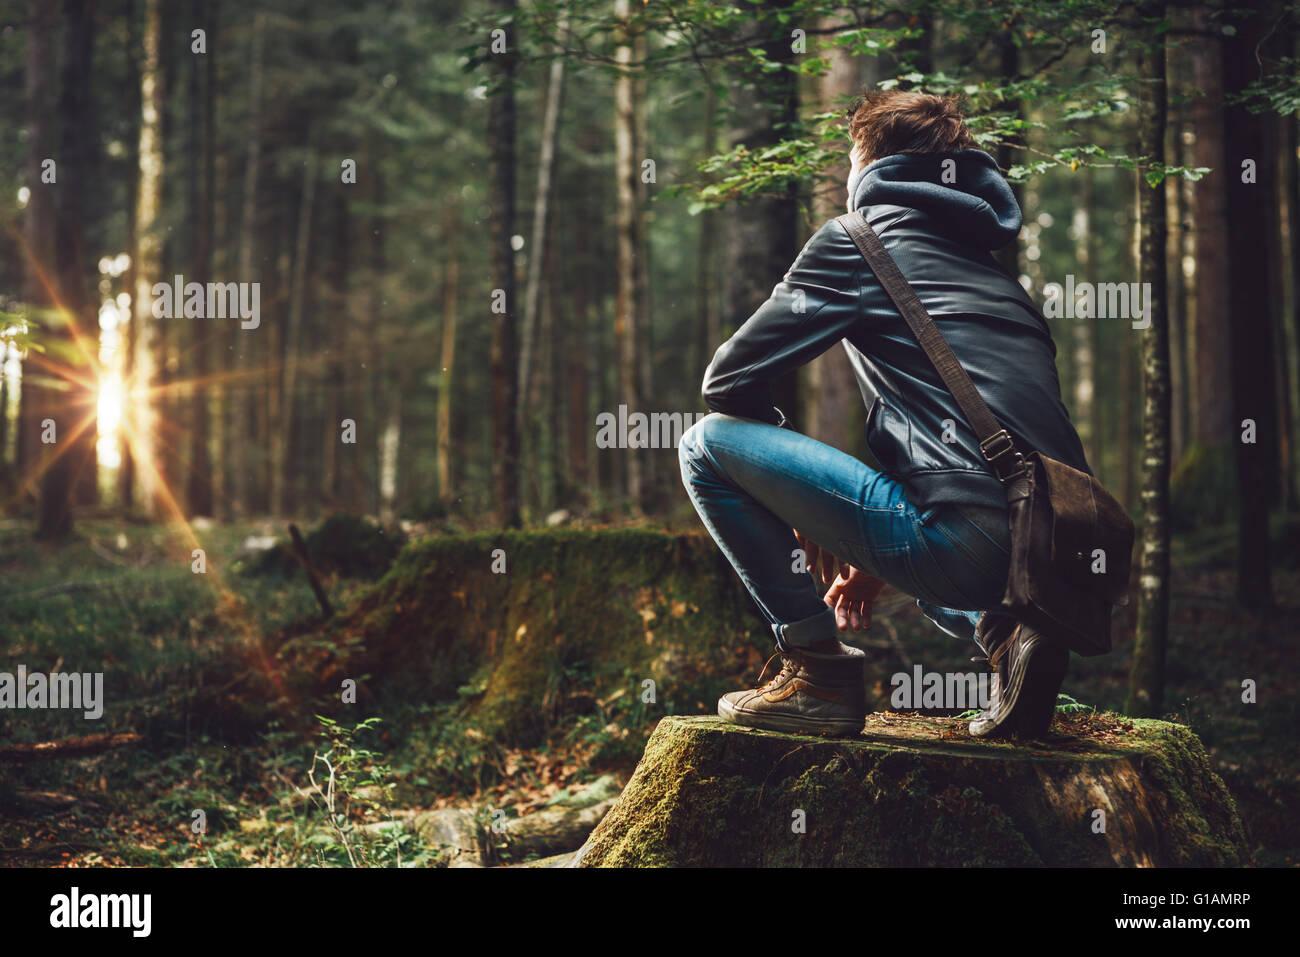 Giovane uomo bello esplorare la foresta e guardandosi attorno, della natura e del concetto di libertà Immagini Stock